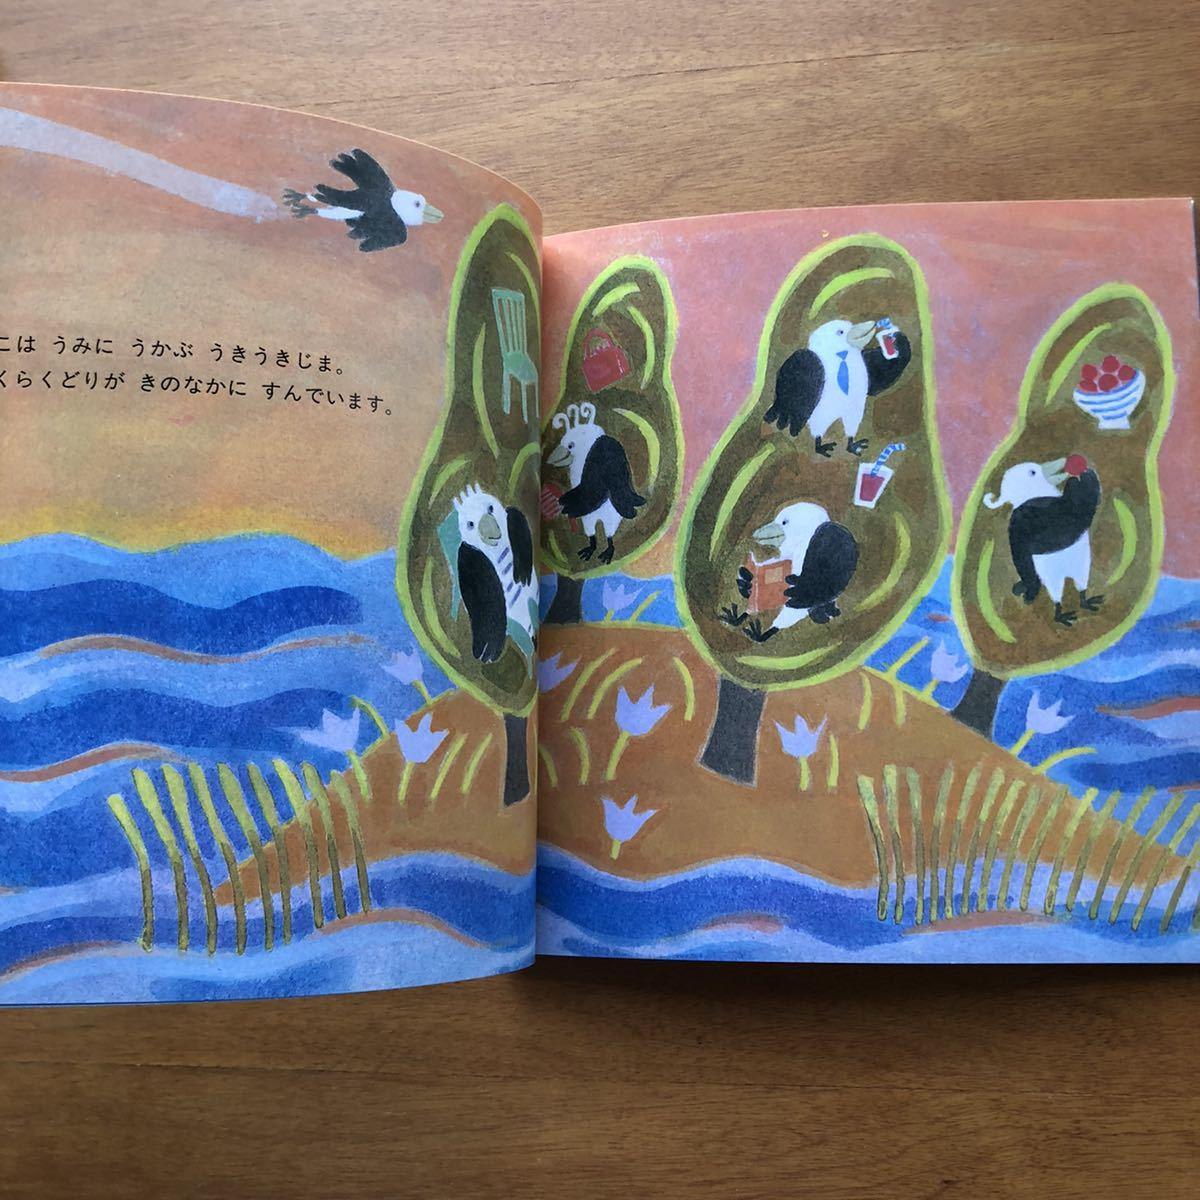 年少版こどものとも クットとタッツー  アンナ・ベングトソン オスターグレン 晴子 2001年 初版 絶版 古い 絵本 読み聞かせ 海 鳥